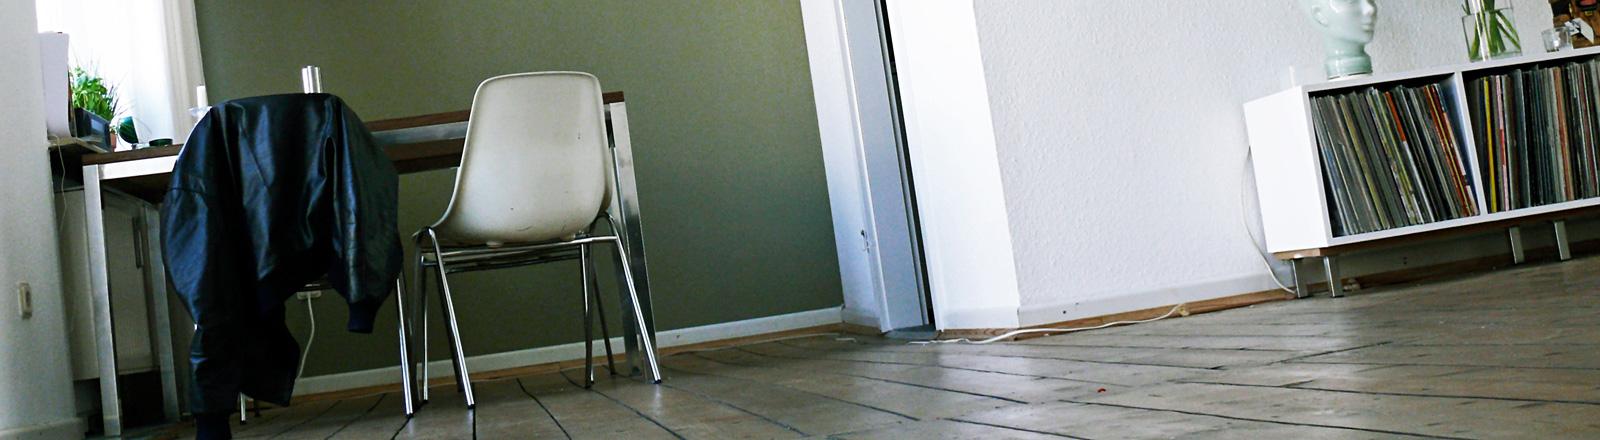 Blick in ein Wohnzimmer. Links steht ein Tisch mit Stühlen. Über einem Stuhl hängt eine Jacke. Rechts steht ein niedriger Schrank mit Schallplatten.